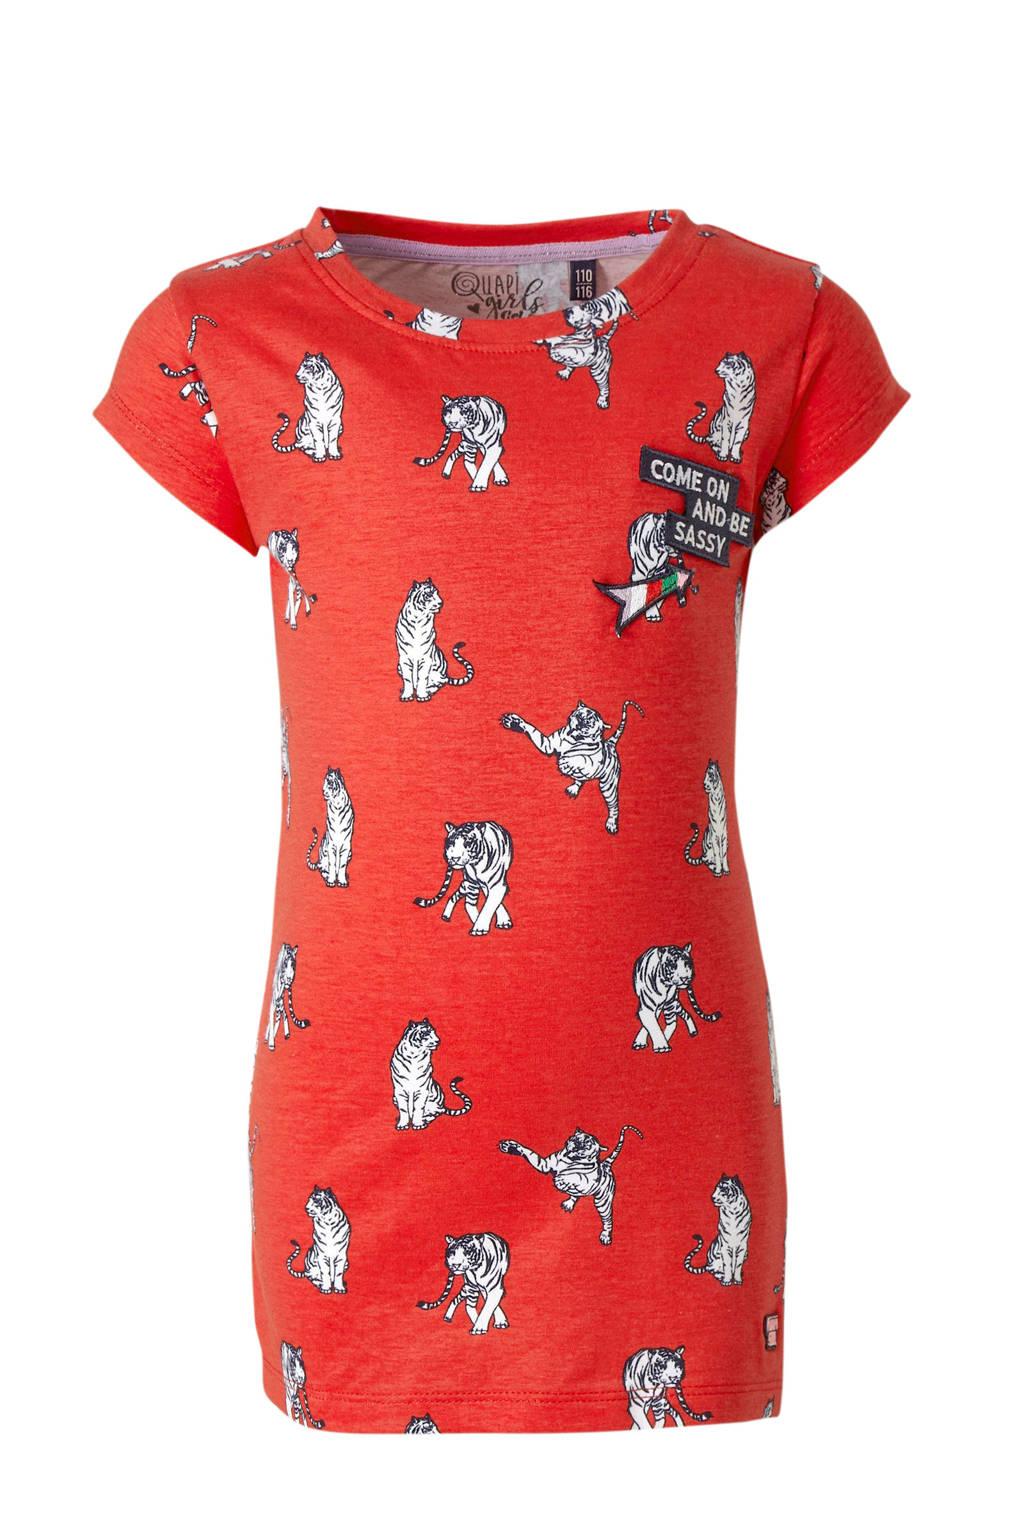 Quapi T-shirt Alin met all over print en patches rood/wit/zwart, Rood/wit/zwart